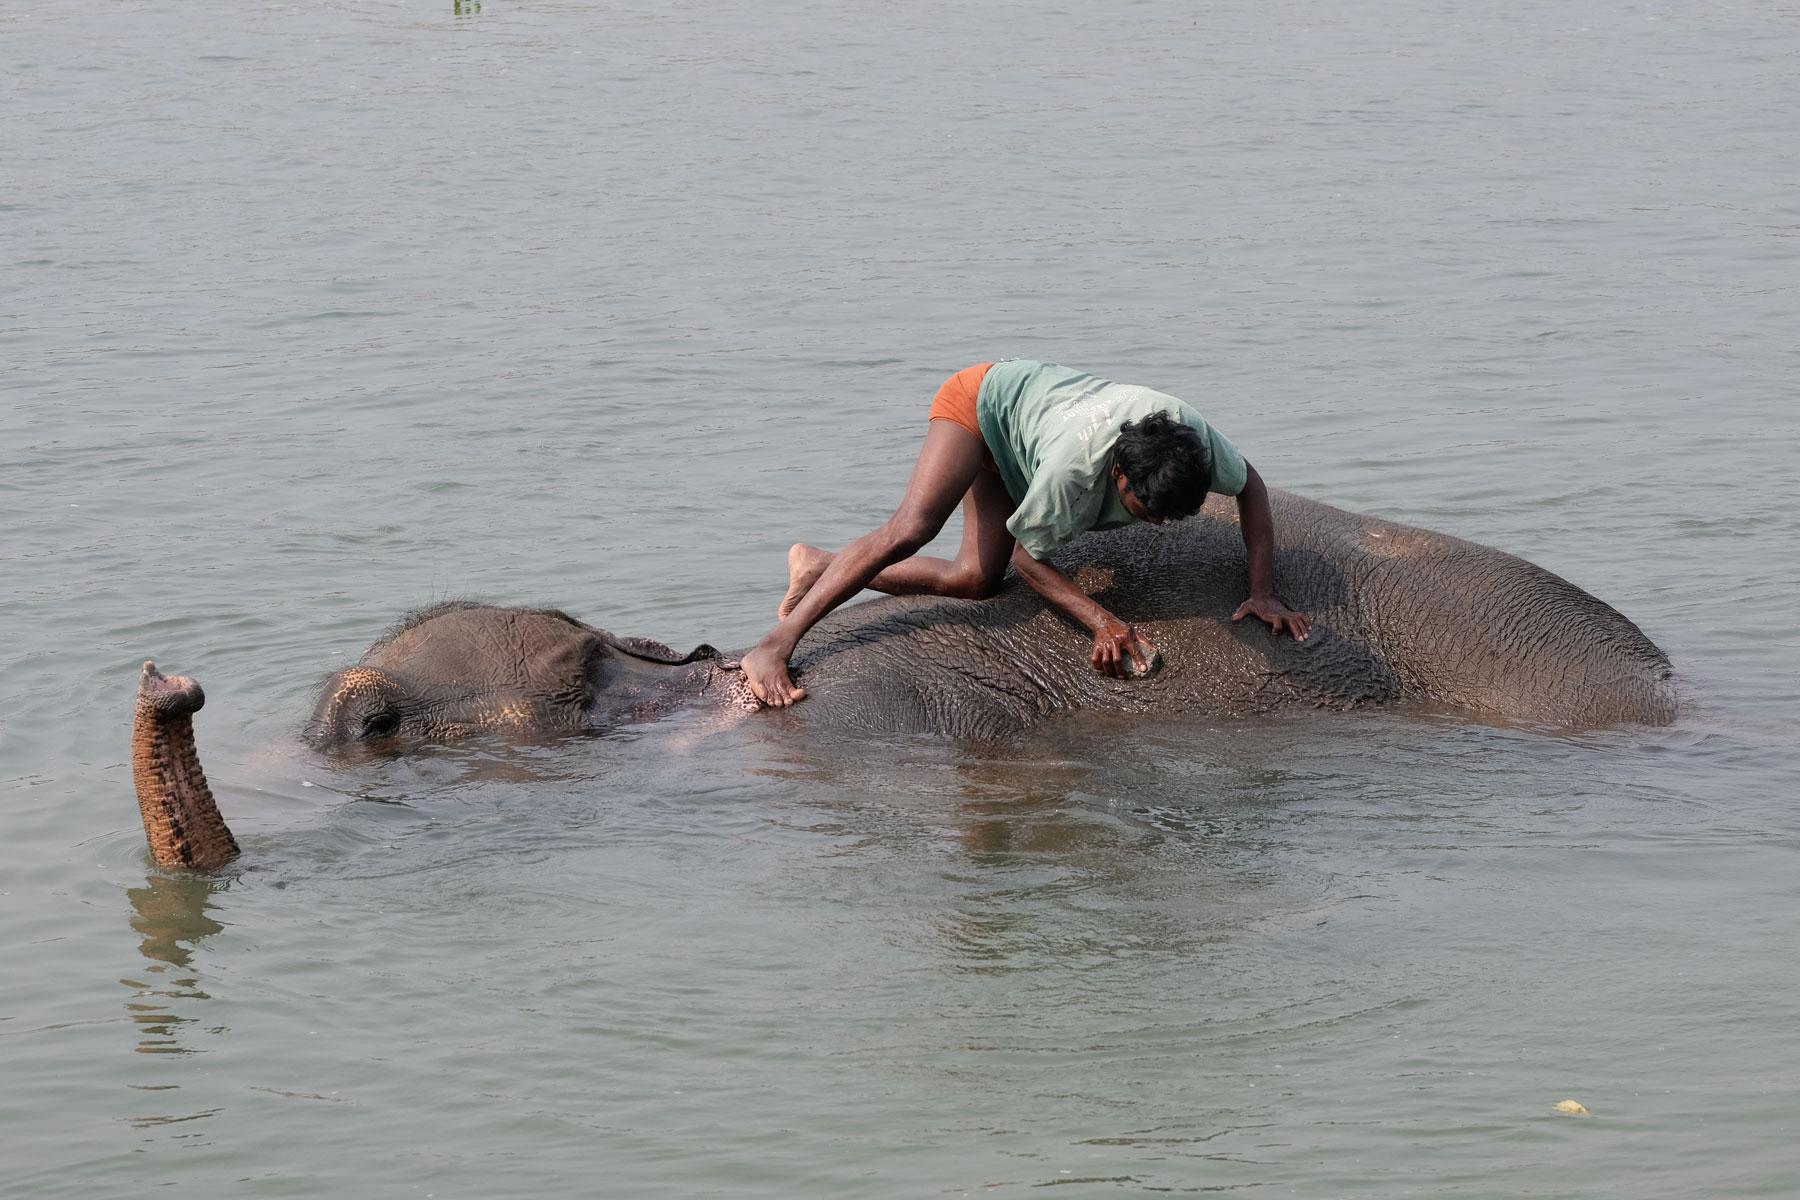 Ein nepalesischer Mann bürstet einen Elefant, der im Wasser liegt.